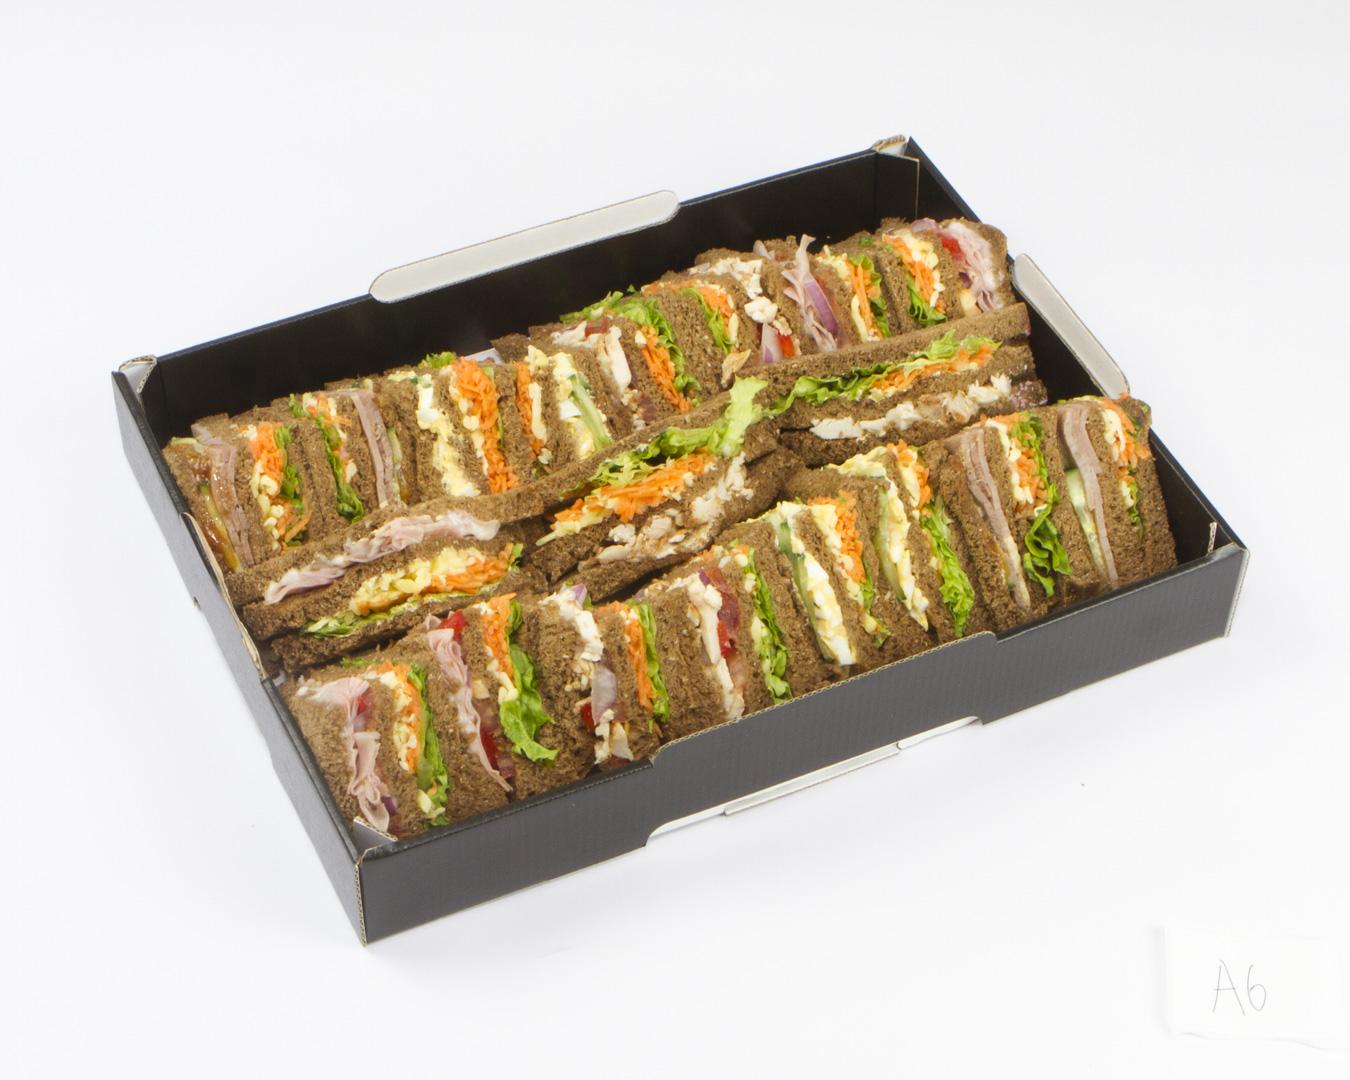 Healthy Choice Sandwiches